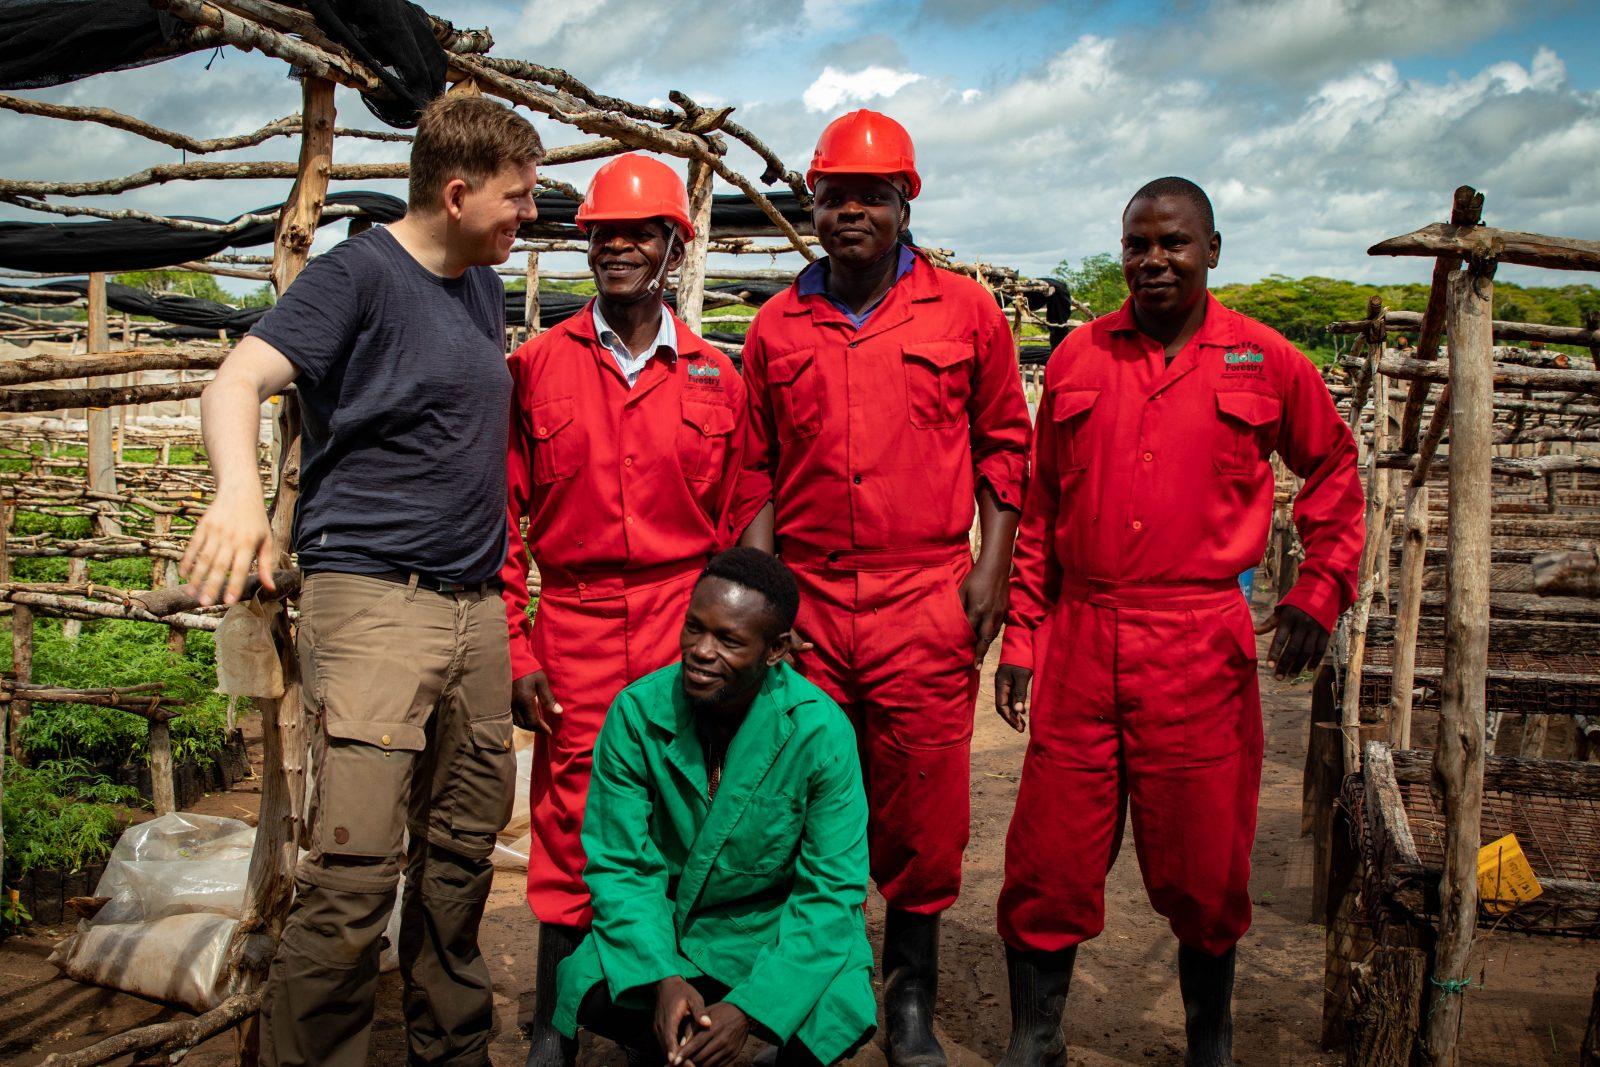 Jag tillsammans med några arbetare på Nyongoro-plantagen.